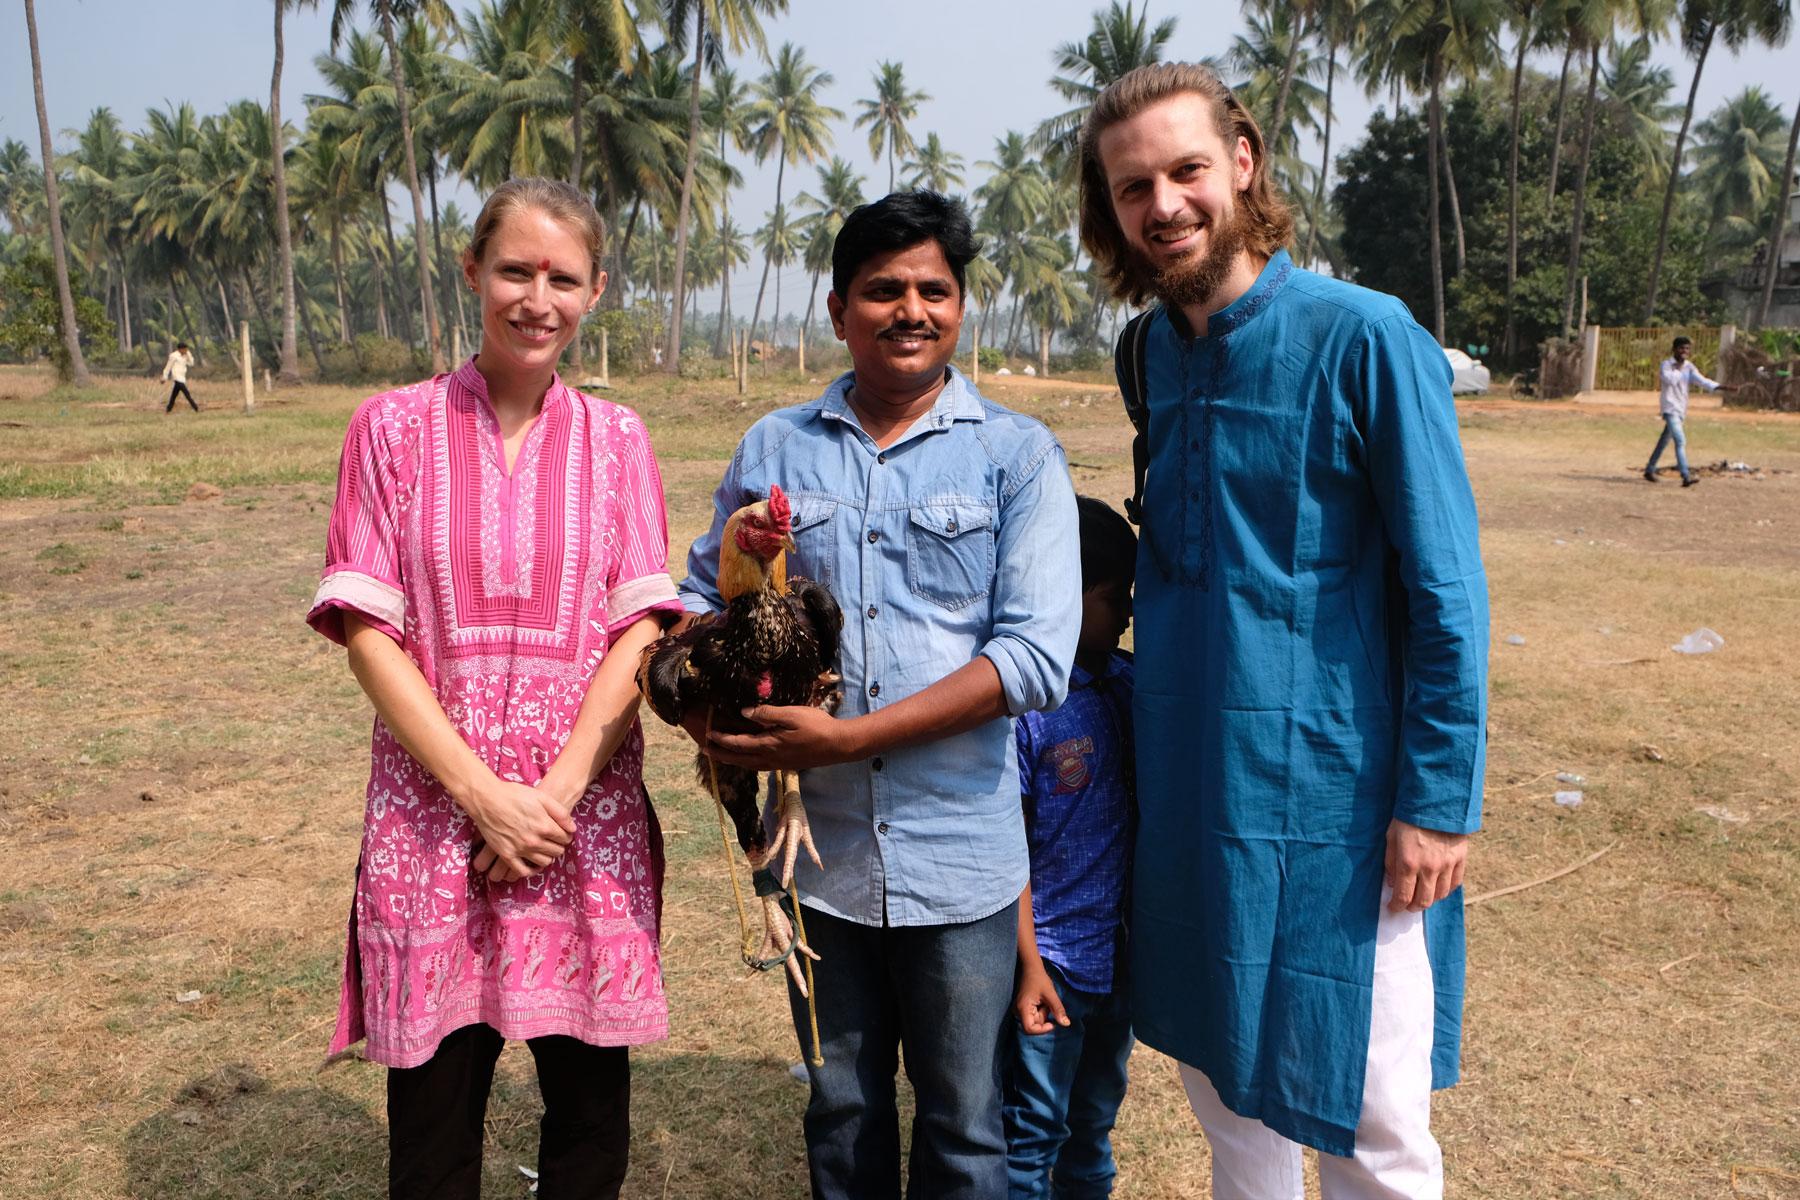 Leo und Sebastian neben einem indischen Mann in Bhimavaram, der einen Kampfhahn auf dem Arm hält.